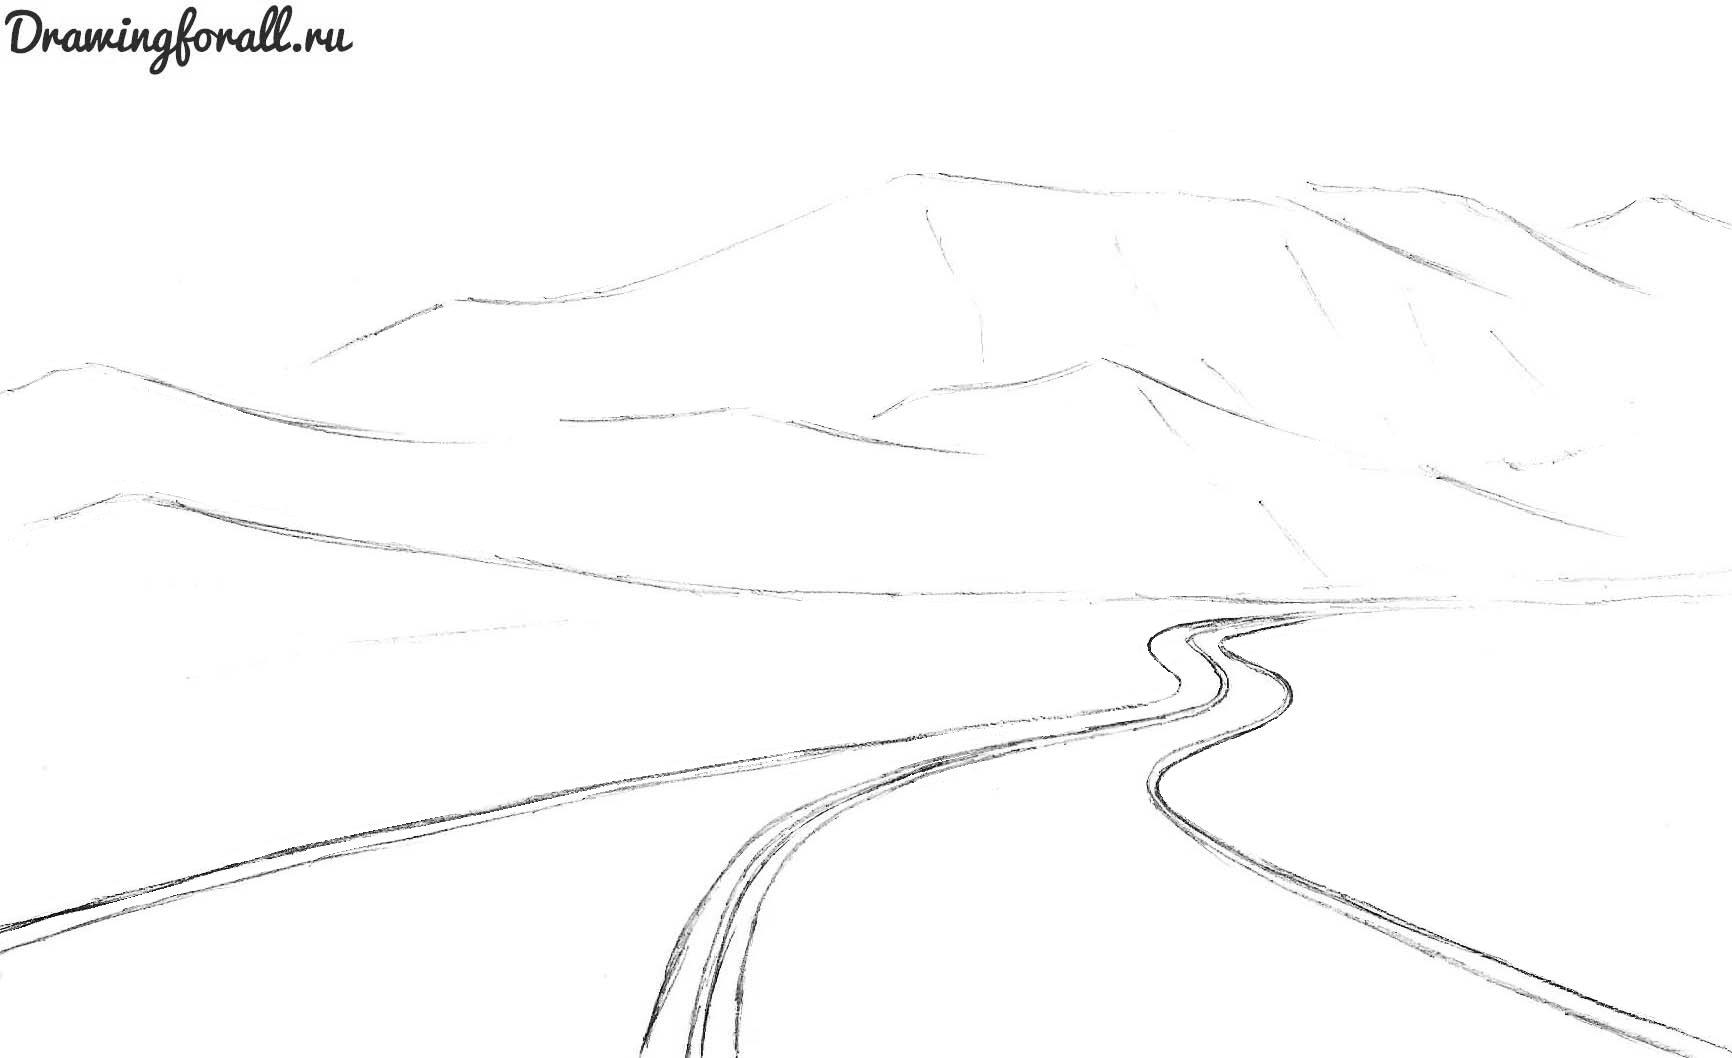 как нарисовать дорогу карандашом поэтапно